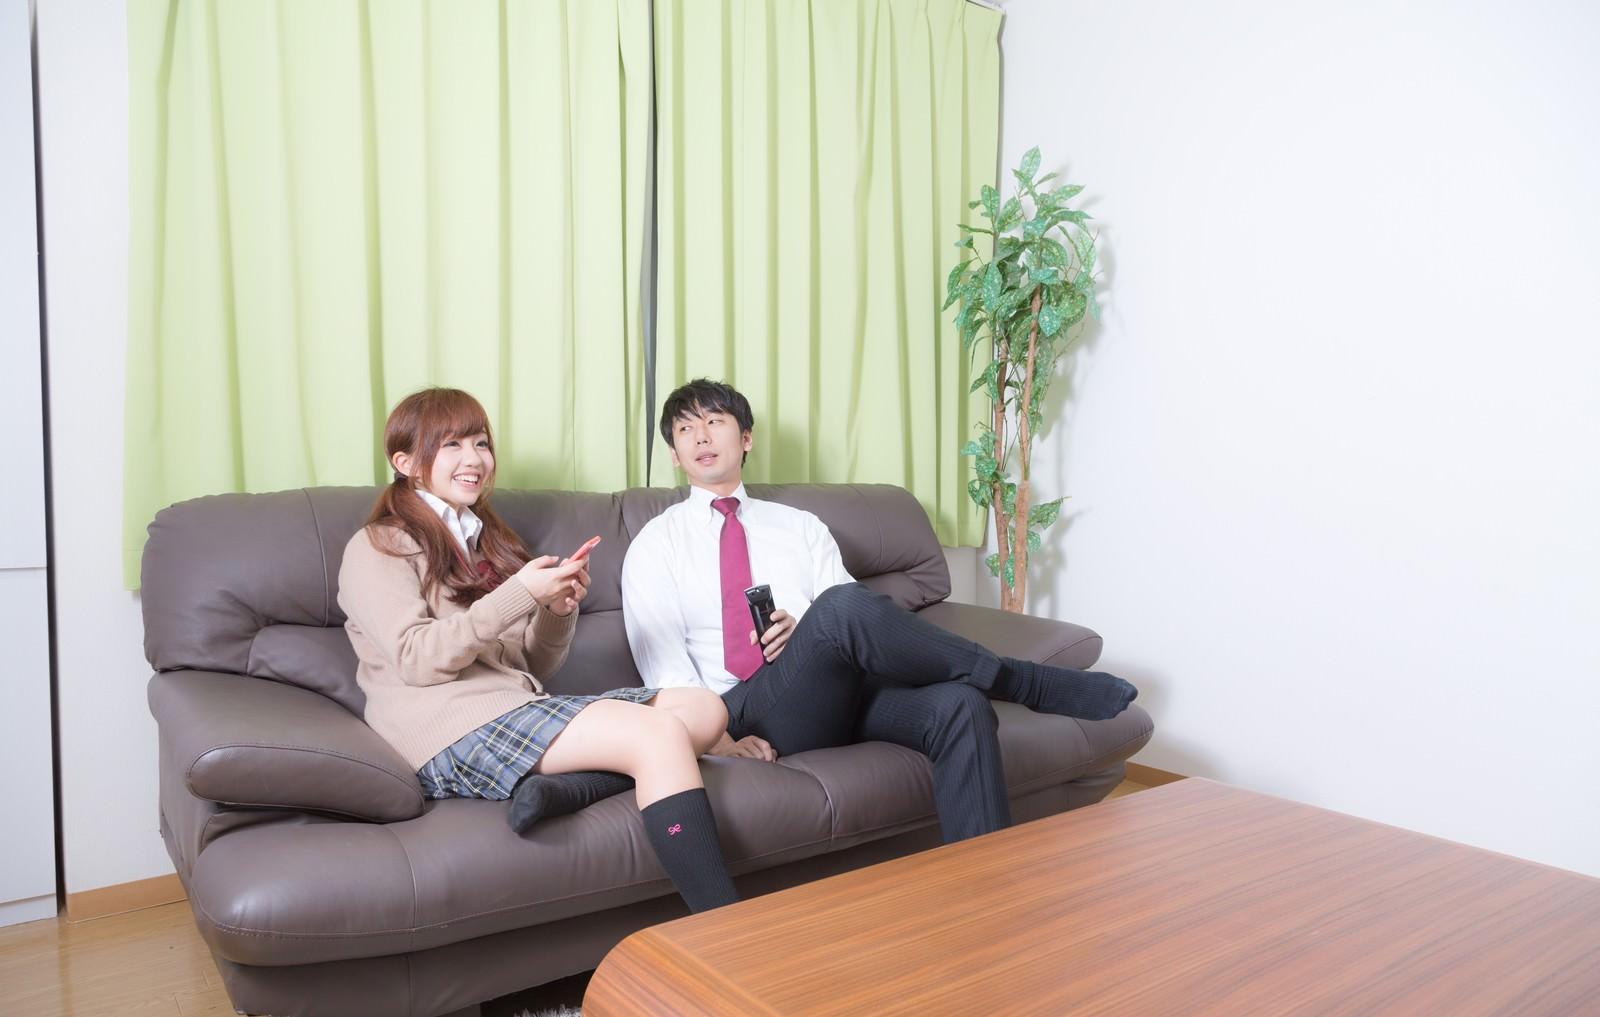 「年上の彼氏の家でくつろぐおませさん年上の彼氏の家でくつろぐおませさん」[モデル:河村友歌 大川竜弥]のフリー写真素材を拡大